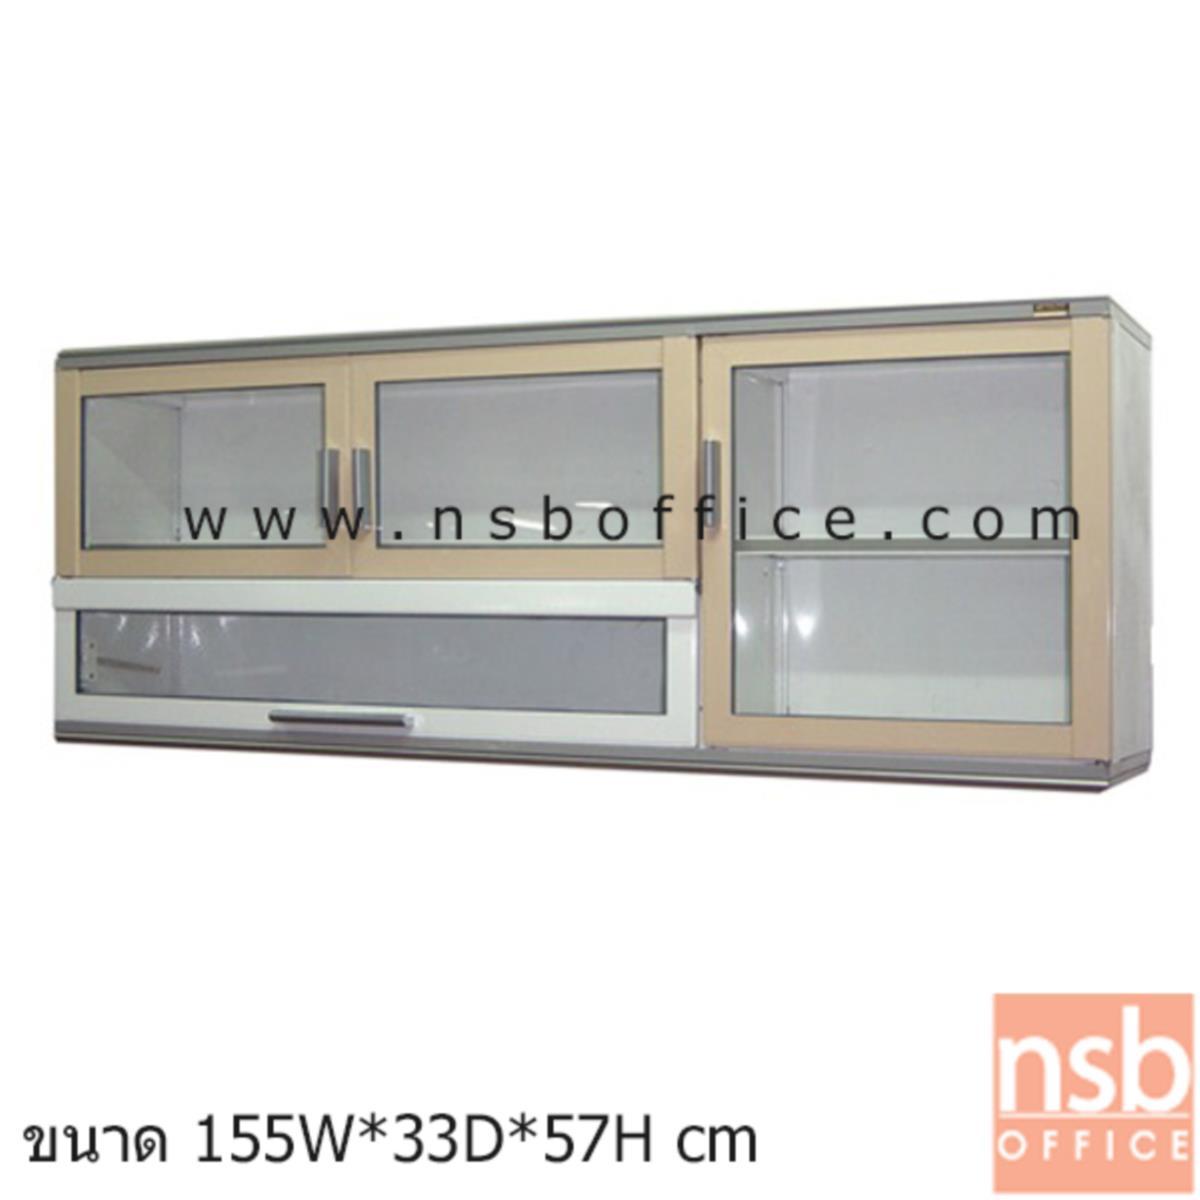 G07A096:ตู้แขวนลอยอลูมิเนียม หน้าบานกระจกใส 3 บานเปิด